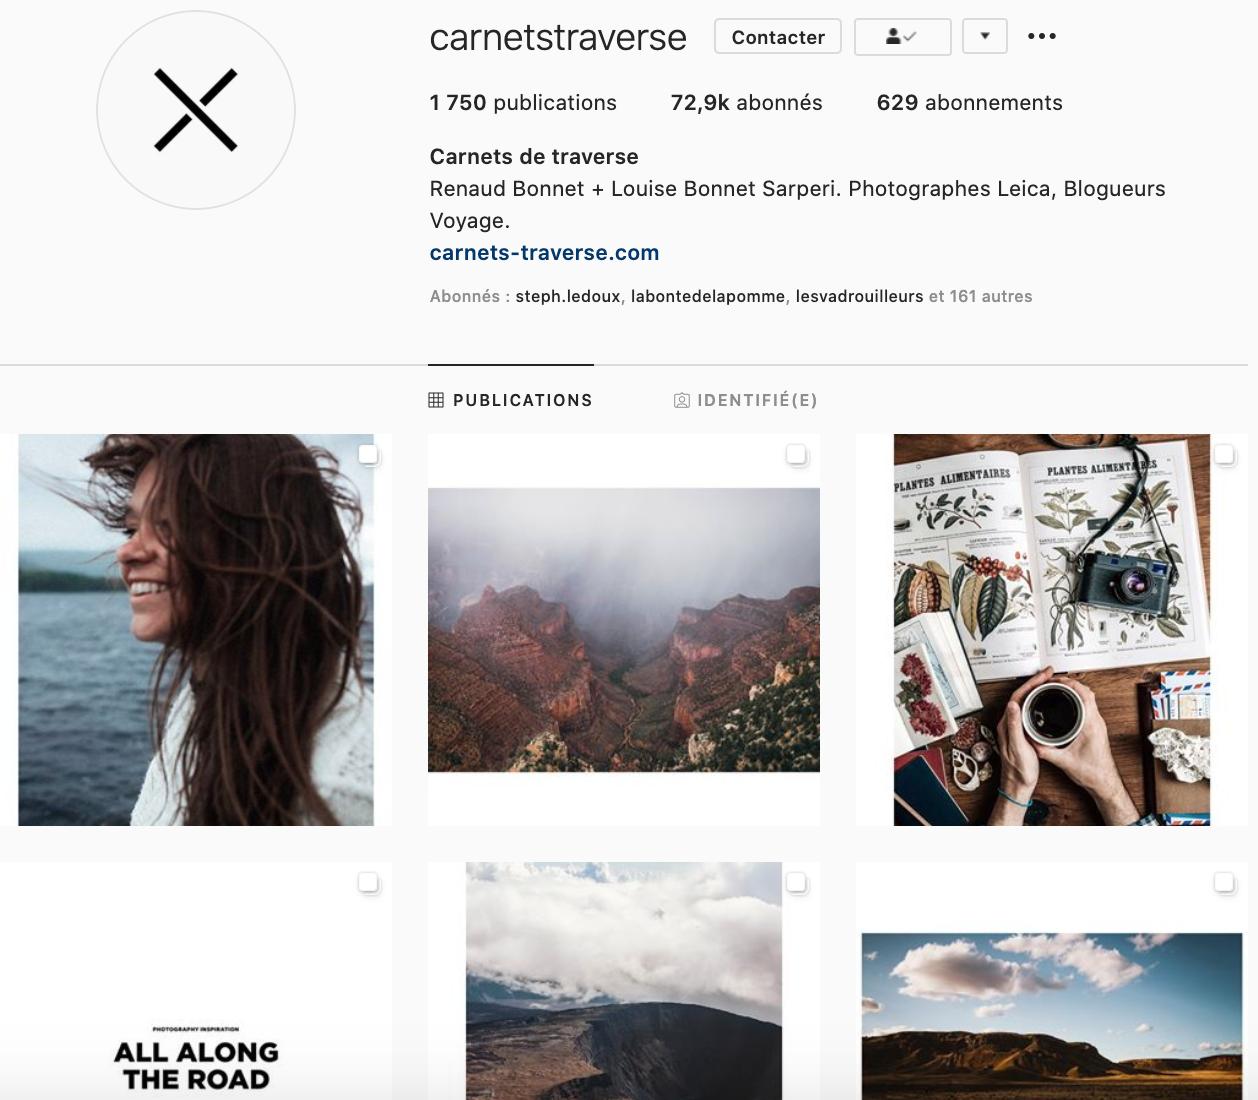 Compte Instagram de Carnets de traverse